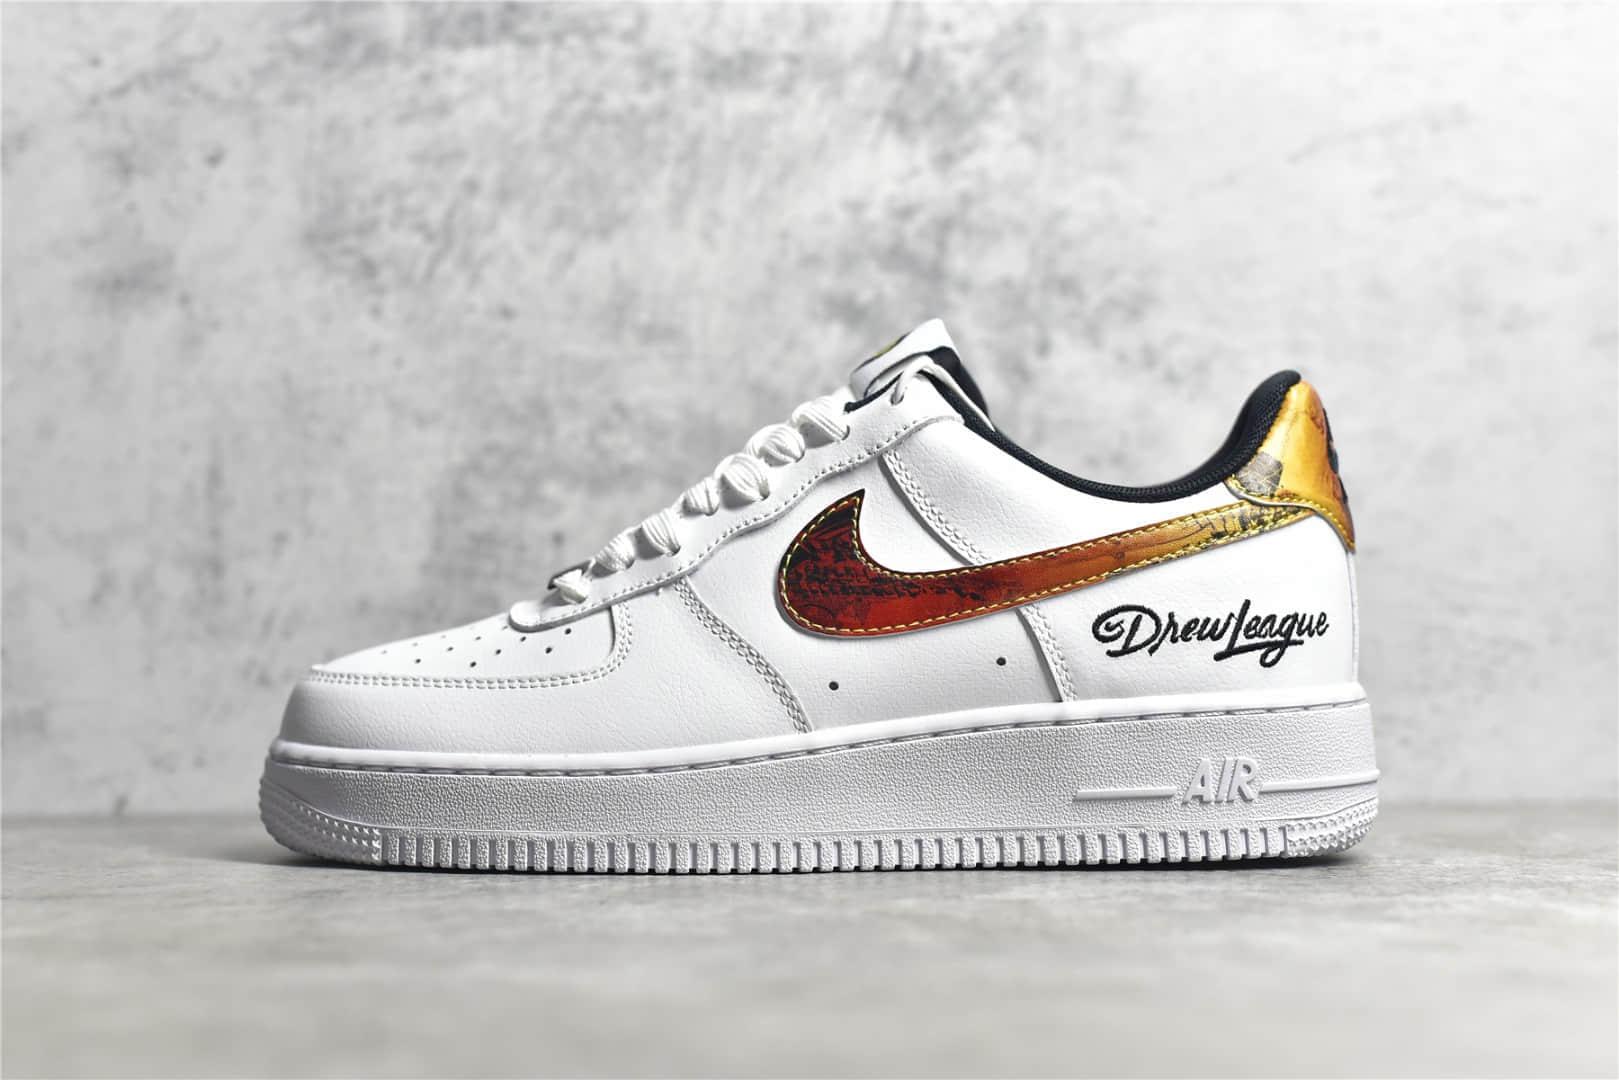 """耐克空军德鲁联赛低帮 Nike Air Force 1 Low """"Drew League"""" 耐克空军白色低帮 耐克空军刺绣 货号:DM7578-100-潮流者之家"""